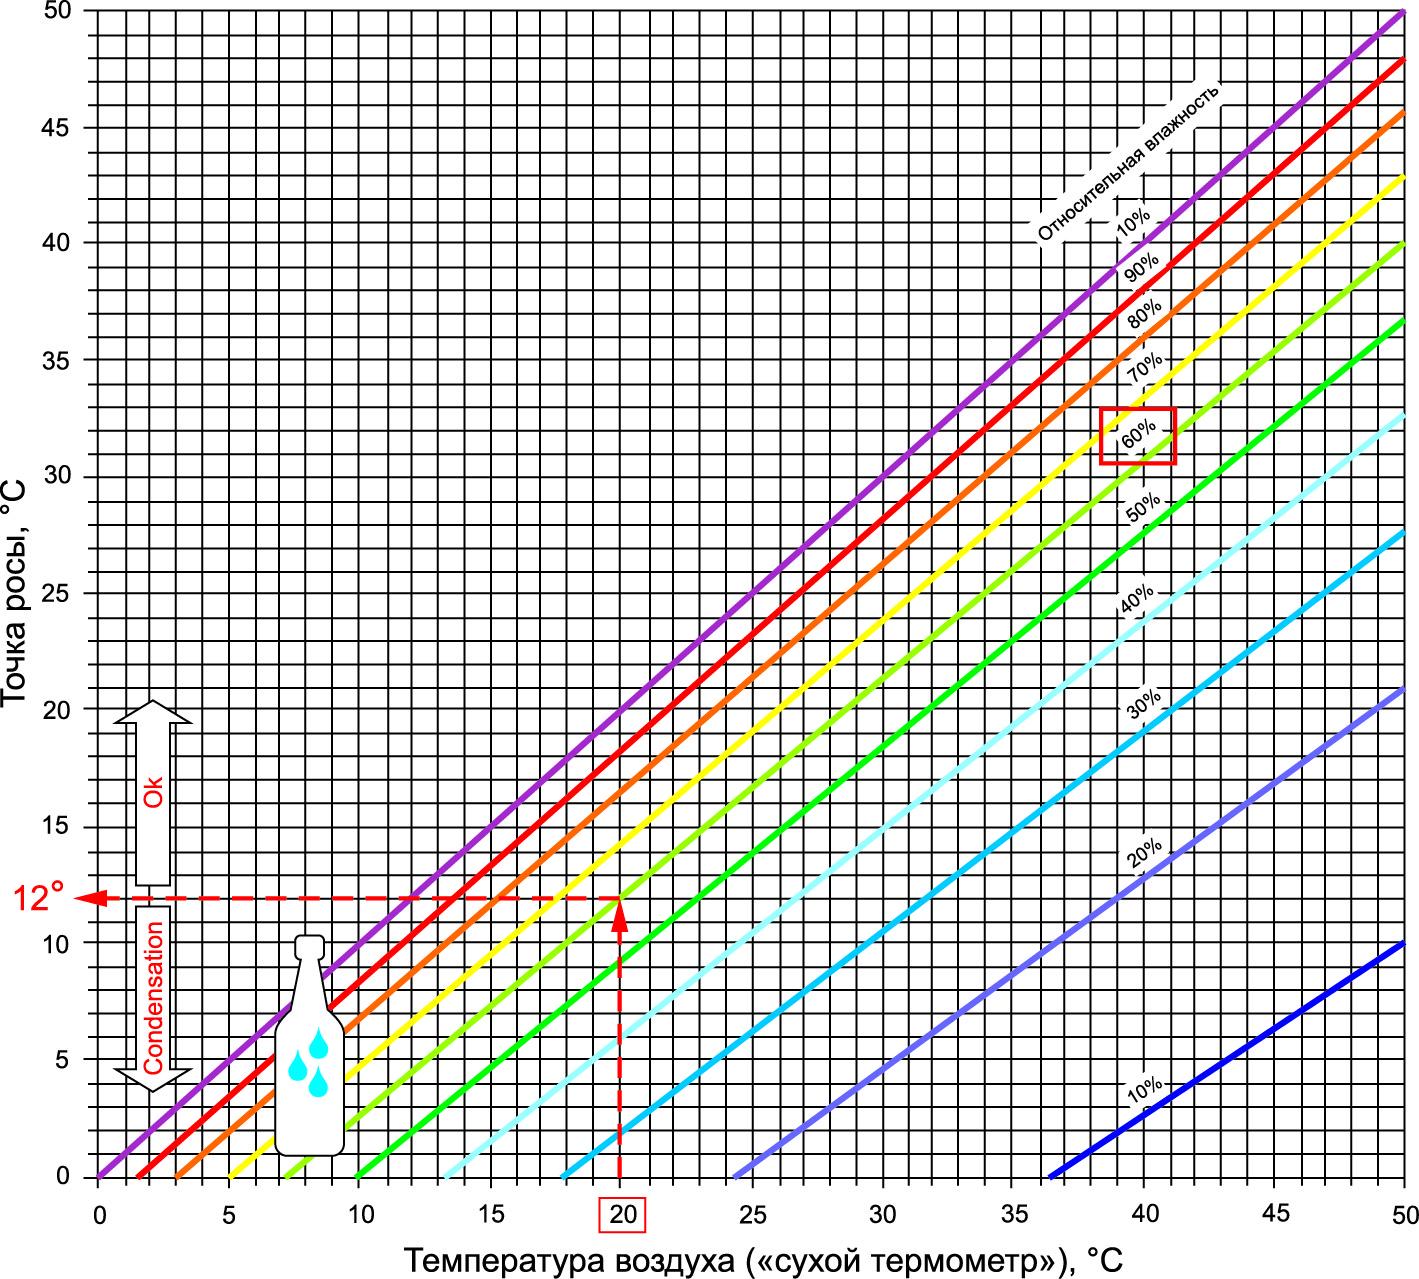 Диаграмма для определения точки росы на основе выражения Магнуса (высота над уровнем моря = 0 м)